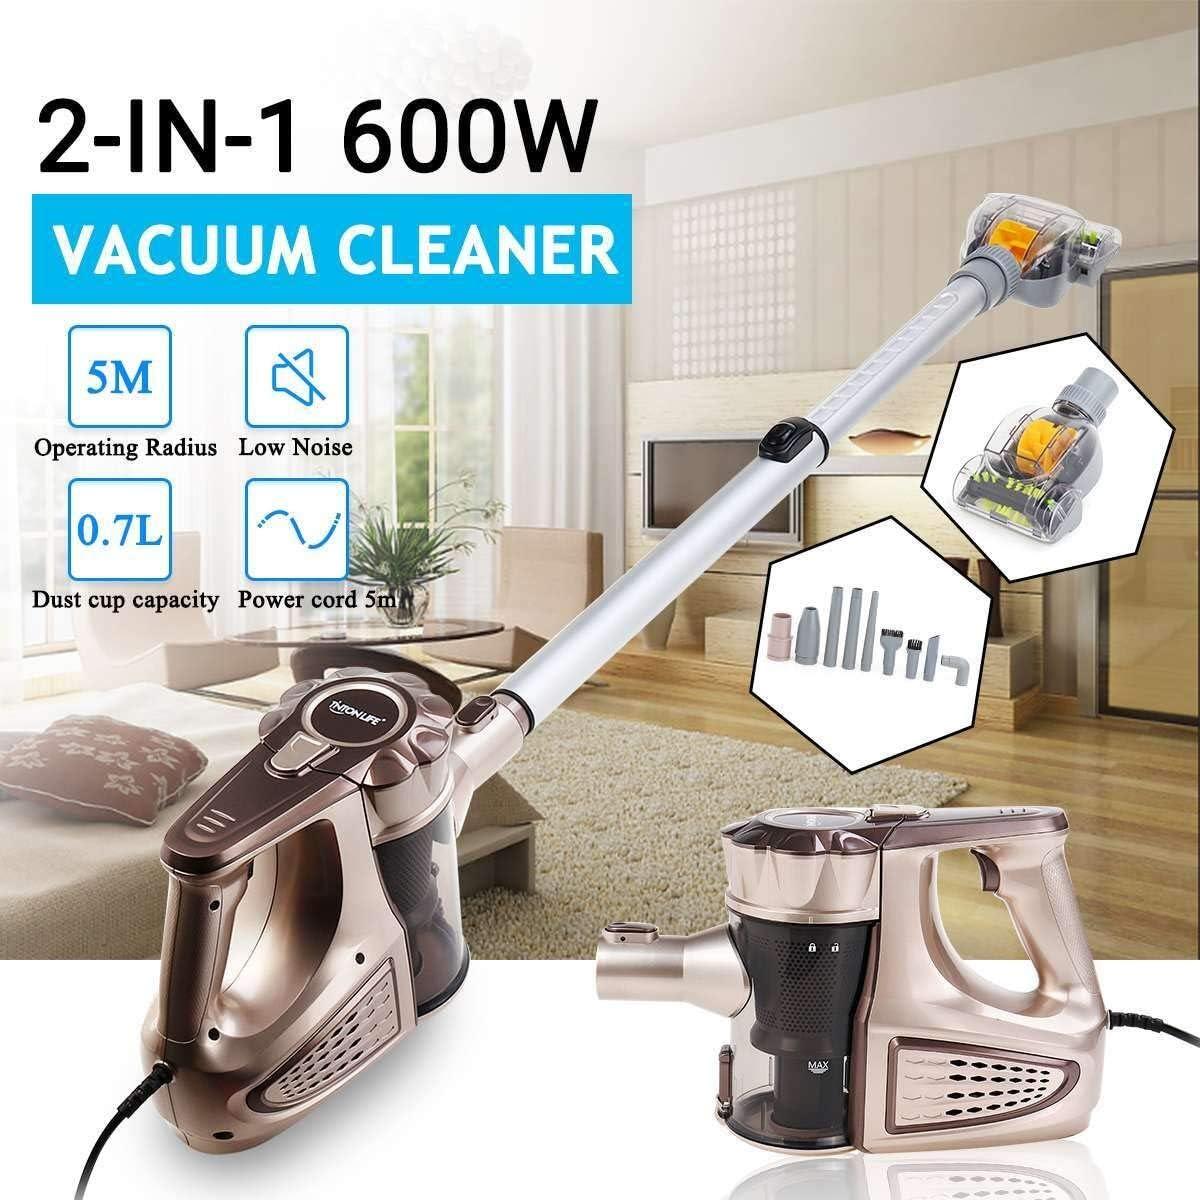 Aspiradora inalámbrica 220V con cable de mano 2 en 1 for Casa aspirador de carga Ciclón Filtro alfombra barrido de eliminación de polvo ácaros 3.5m cable de alimentación Aspiradora (Plug Type :